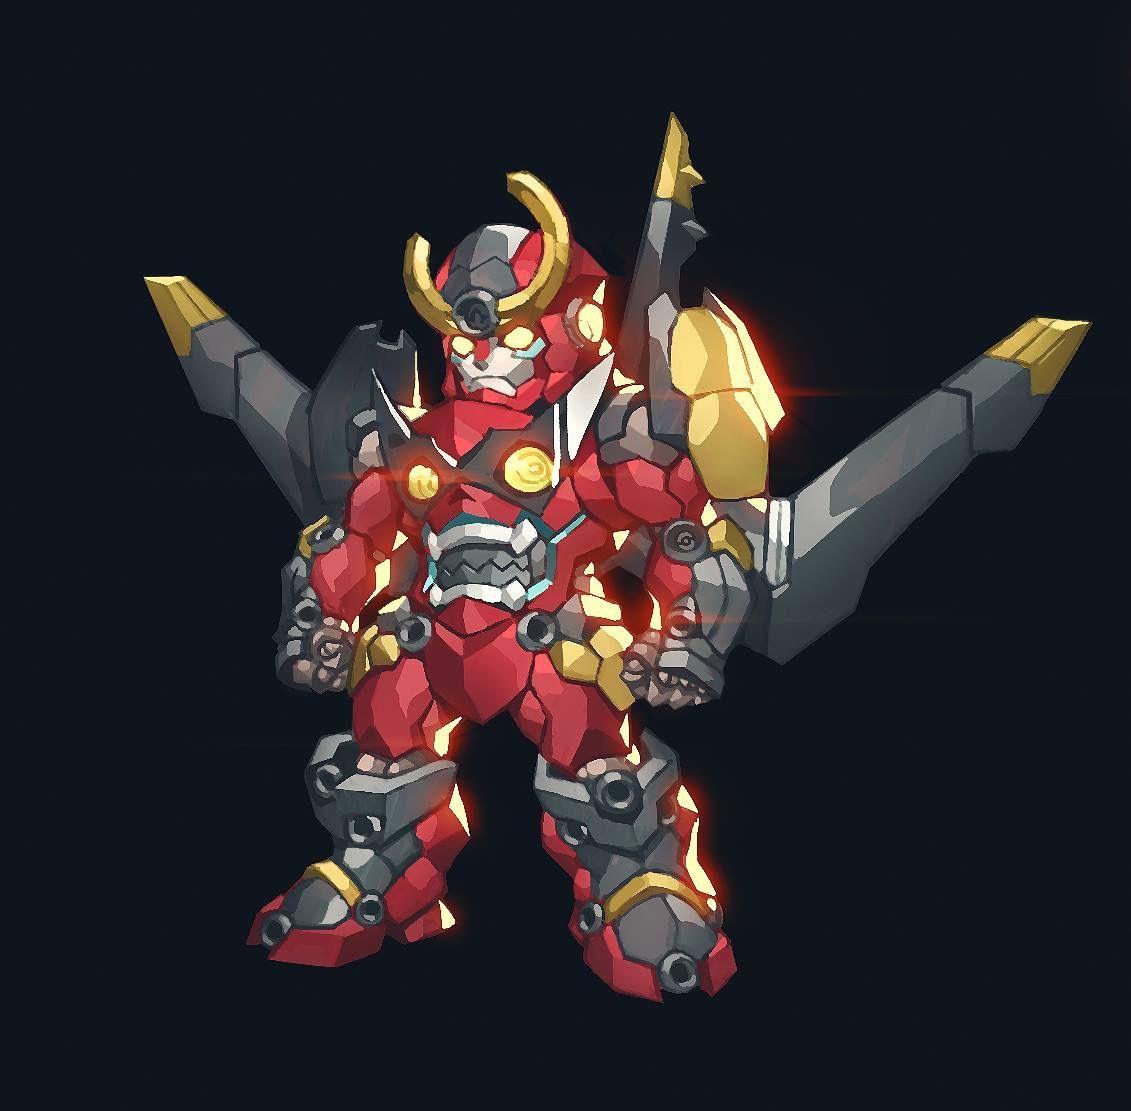 Gurren Lagann Gurren Lagann Mecha Anime Anime Chibi